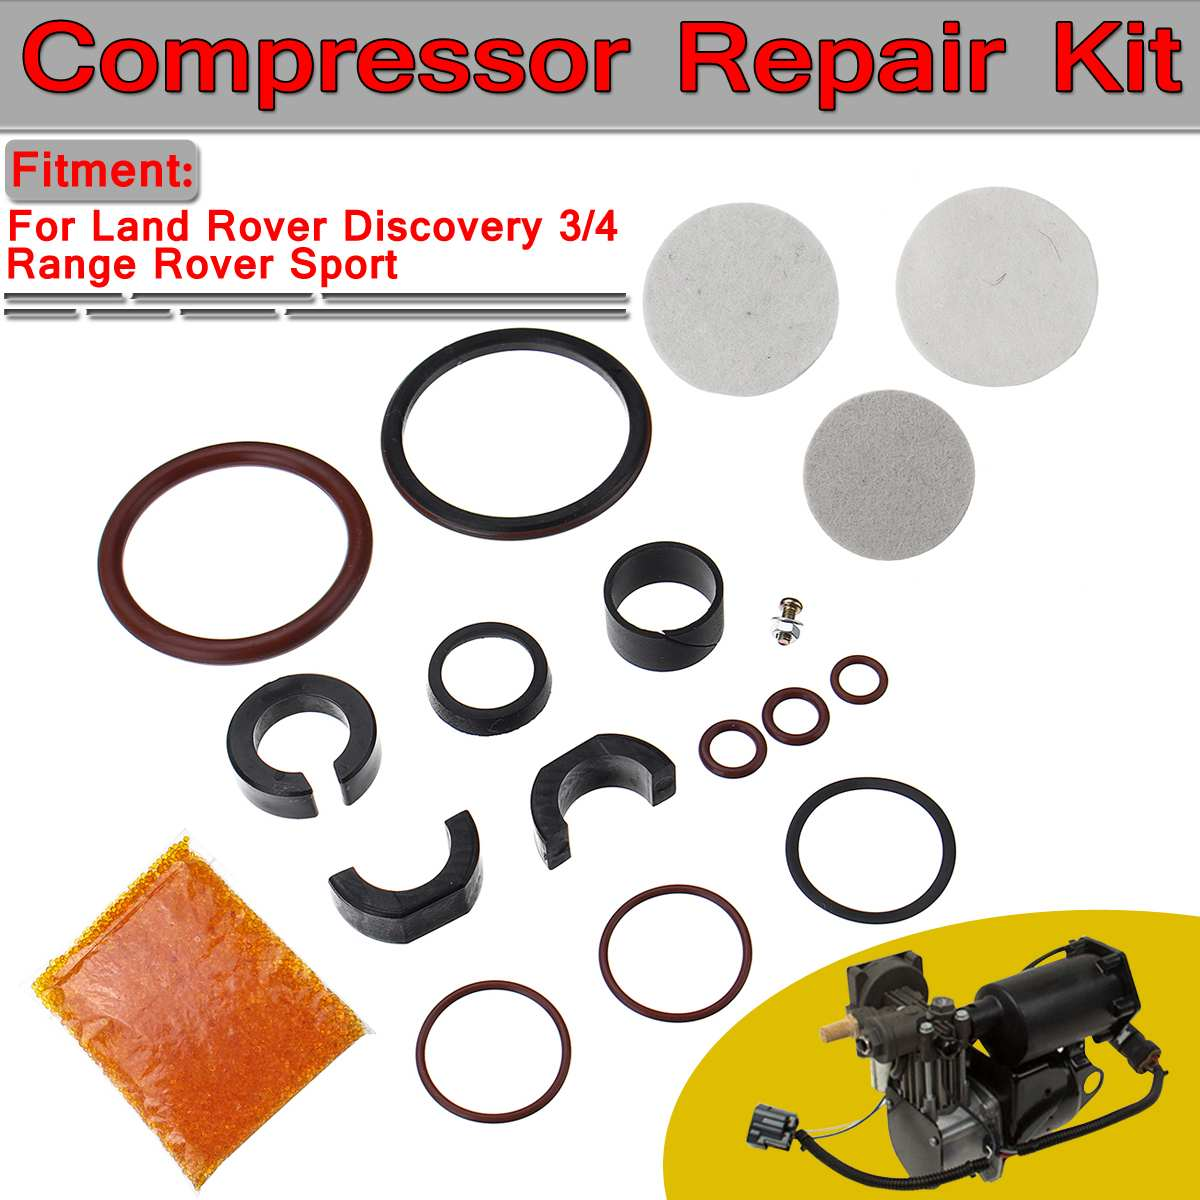 Sospensioni Pneumatiche Auto a/C Compressore Kit di Riparazione per Land Rover Discovery 3/4 Range Rover Sport RQG000017 RQG000018 RQG000019